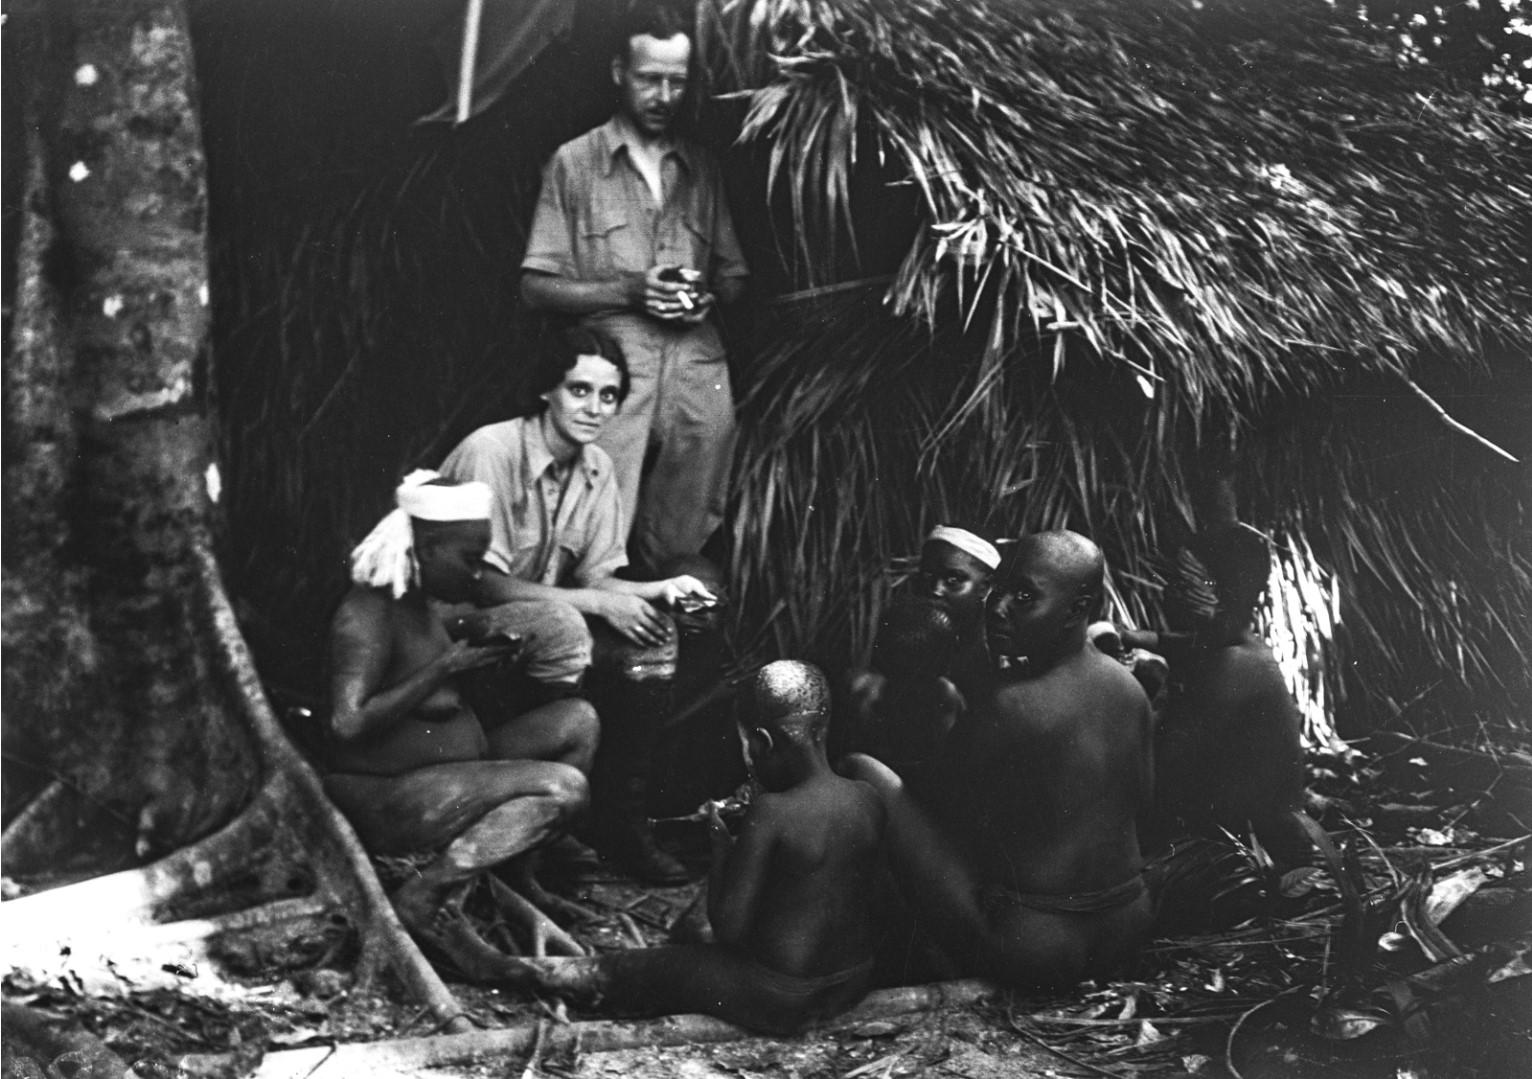 1221. Народность онге. Энджи и Эгон фон Эйкштедт вместе с группой местных жителей возле хижины